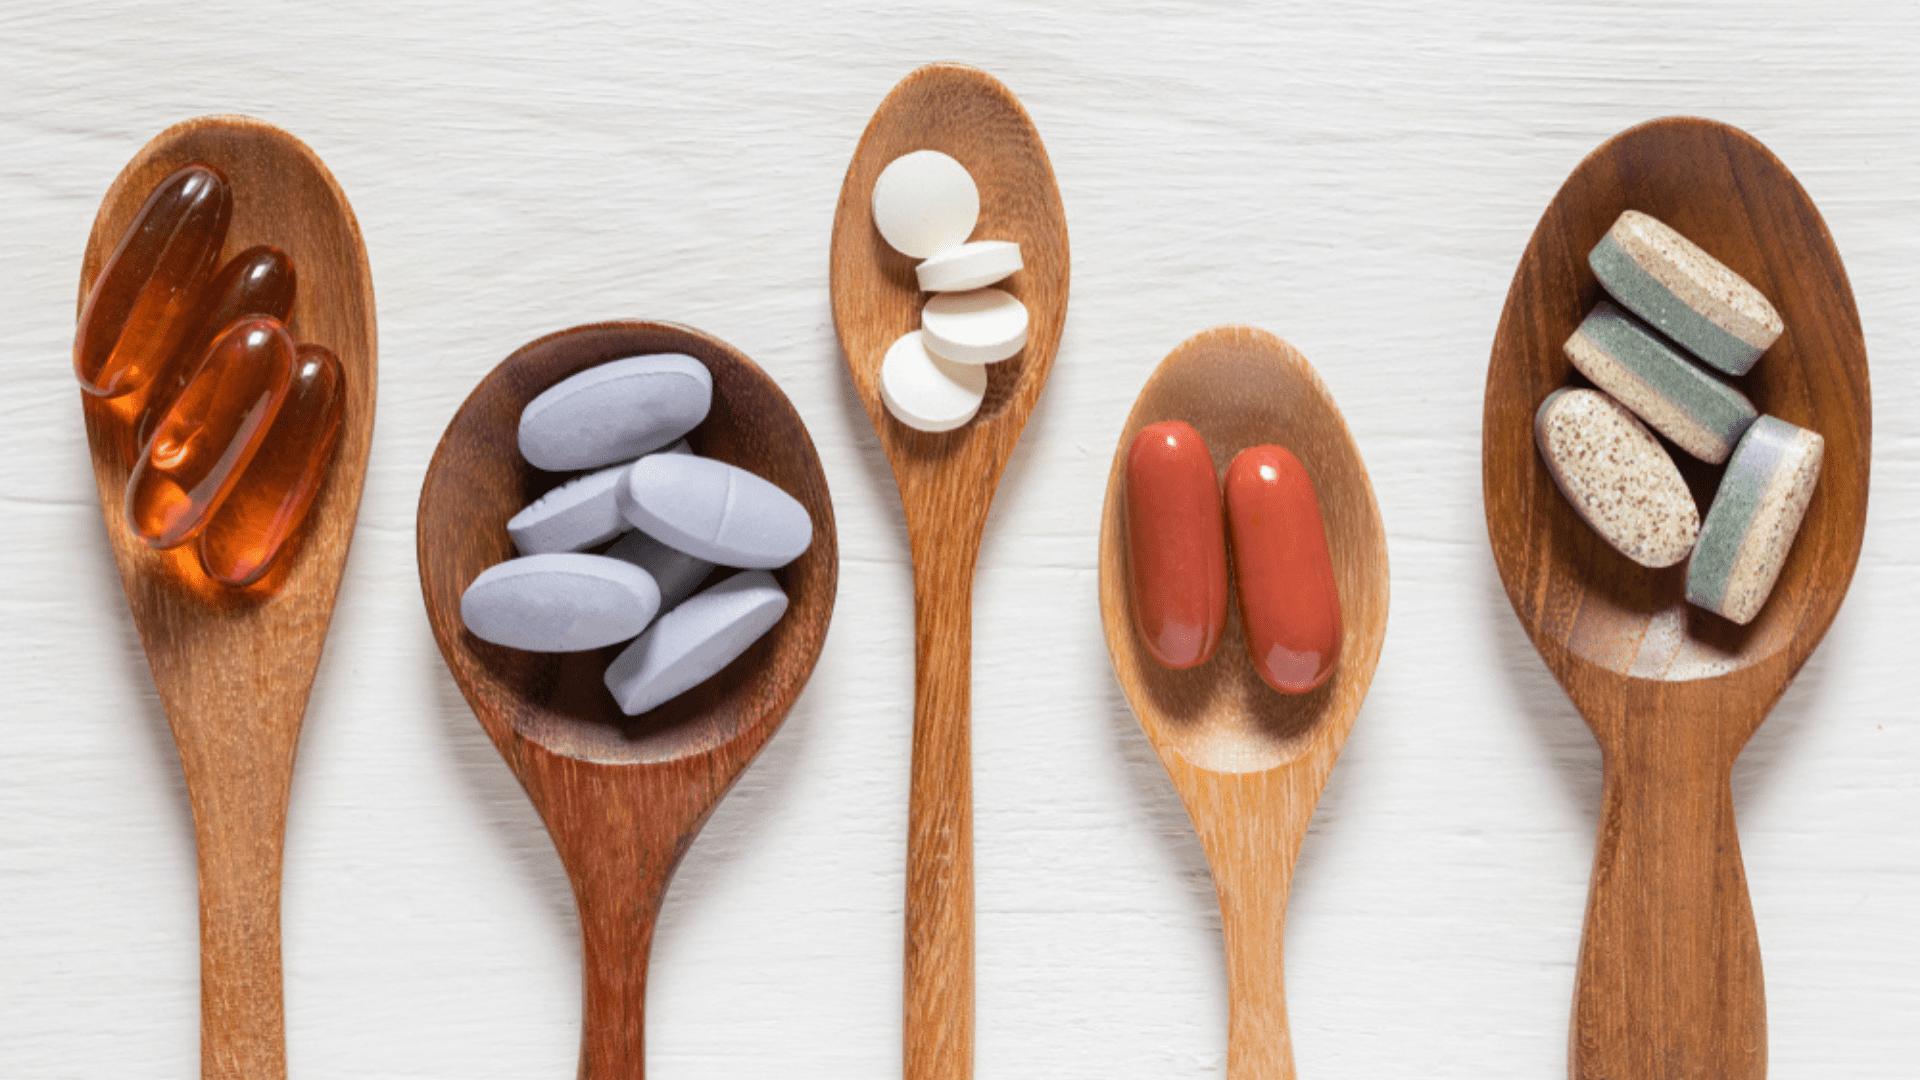 A vitamina B12 baixa pode comprometer habilidades cognitivas e motoras (Imagem: Reprodução/Shutterstock)